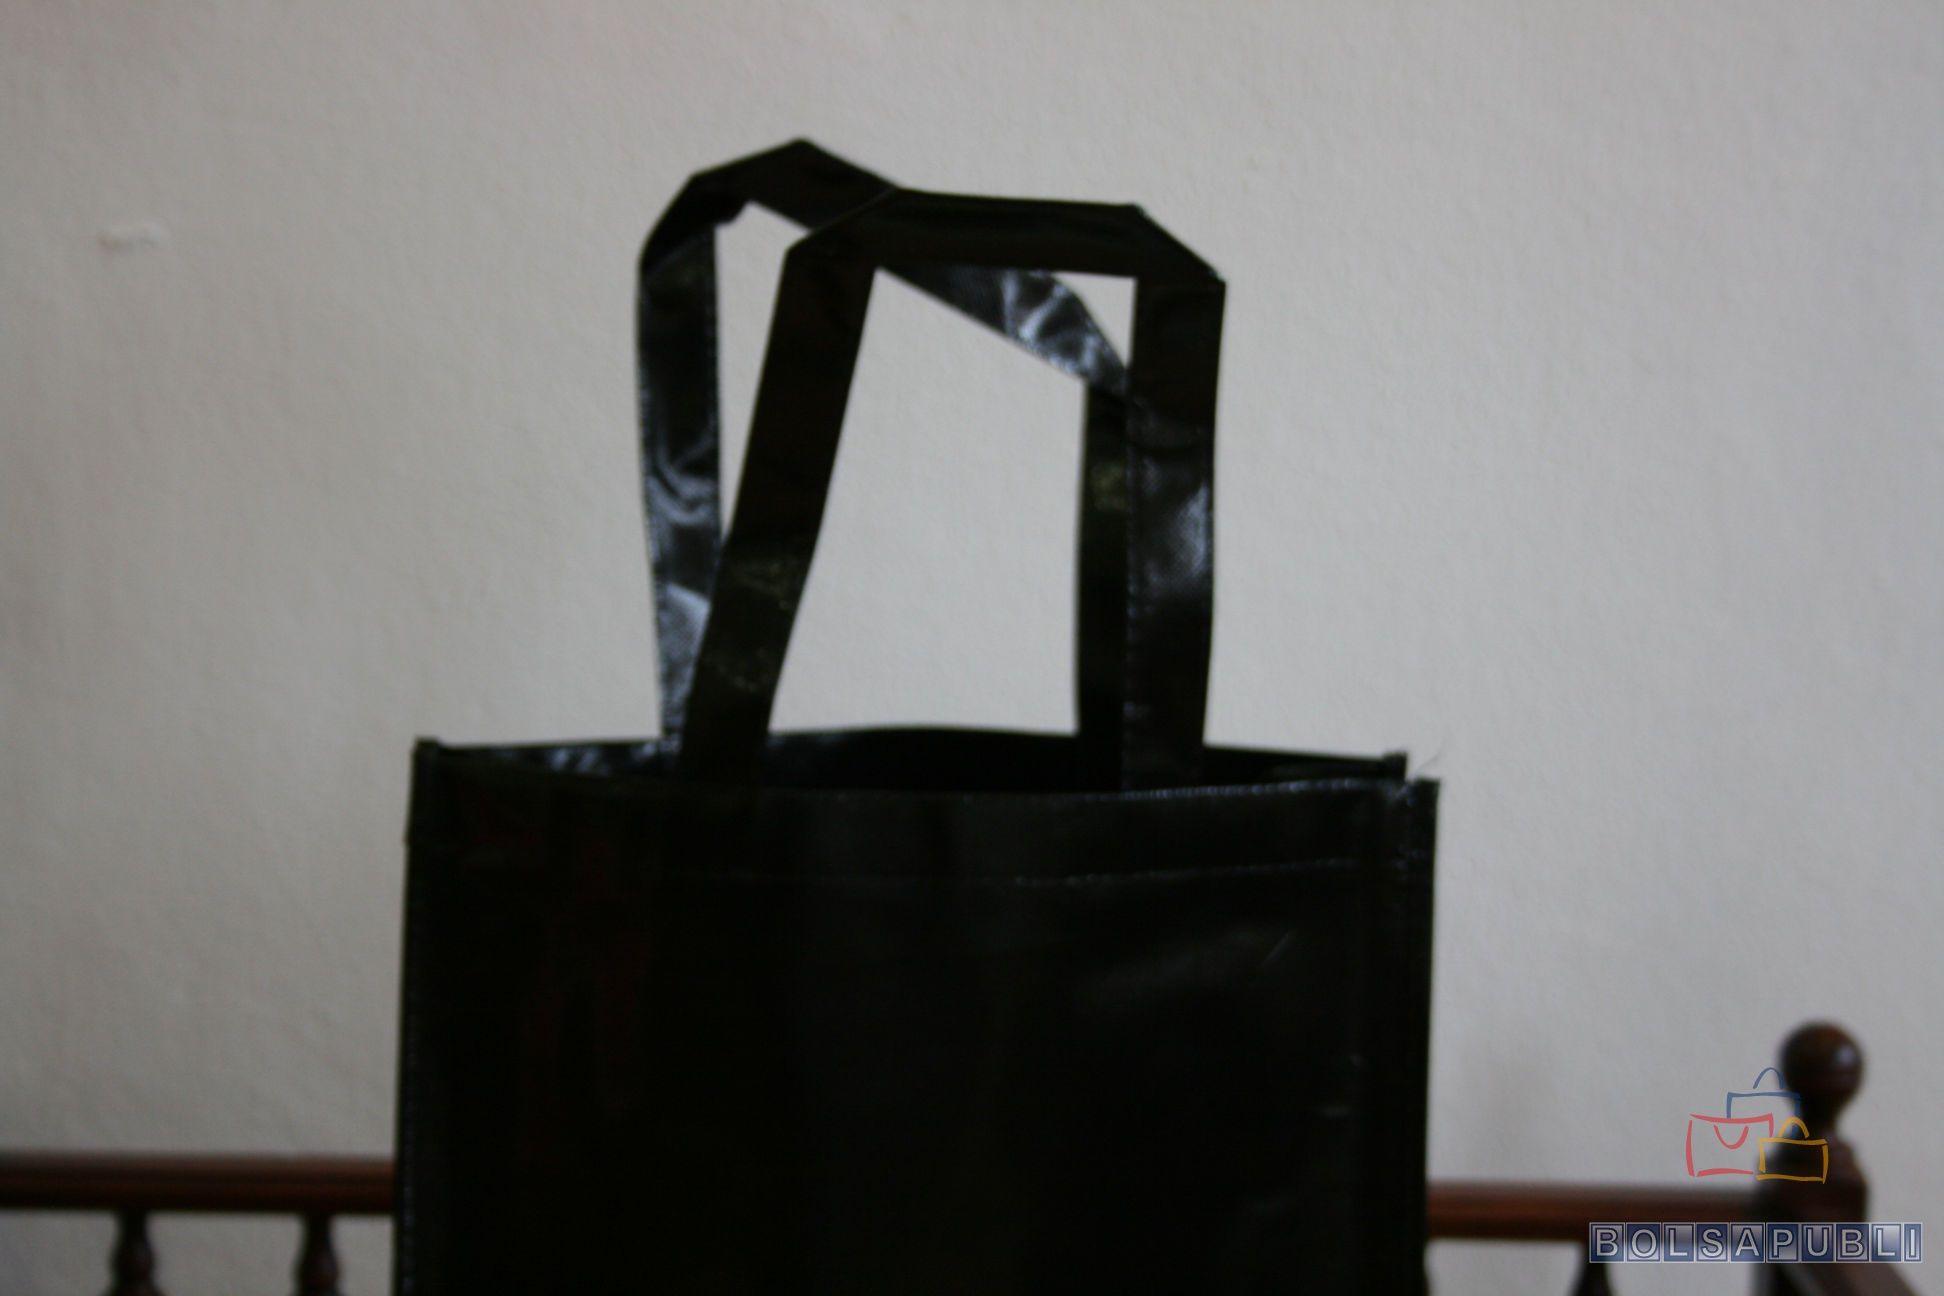 5e5c47ff1 Bolsa plastificada negra de tela non woven con asas cortas cosidas. Modelo  de envase muy